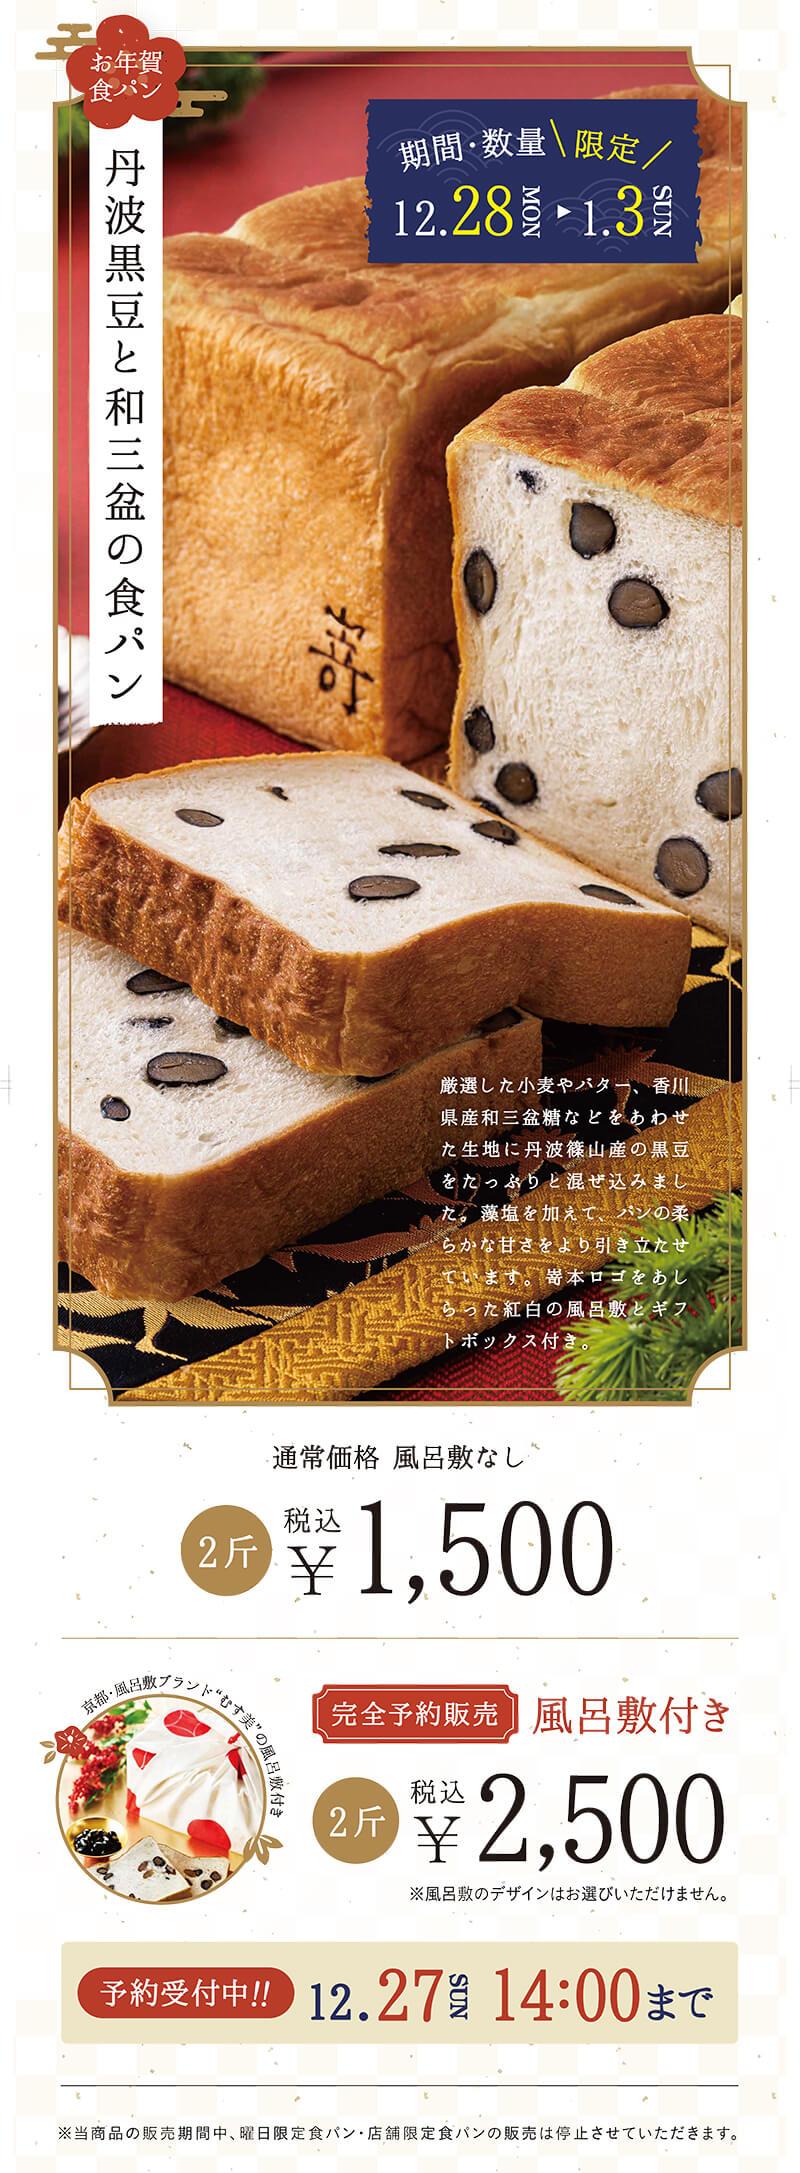 『丹波黒豆と和三盆の食パン』のチラシ画像